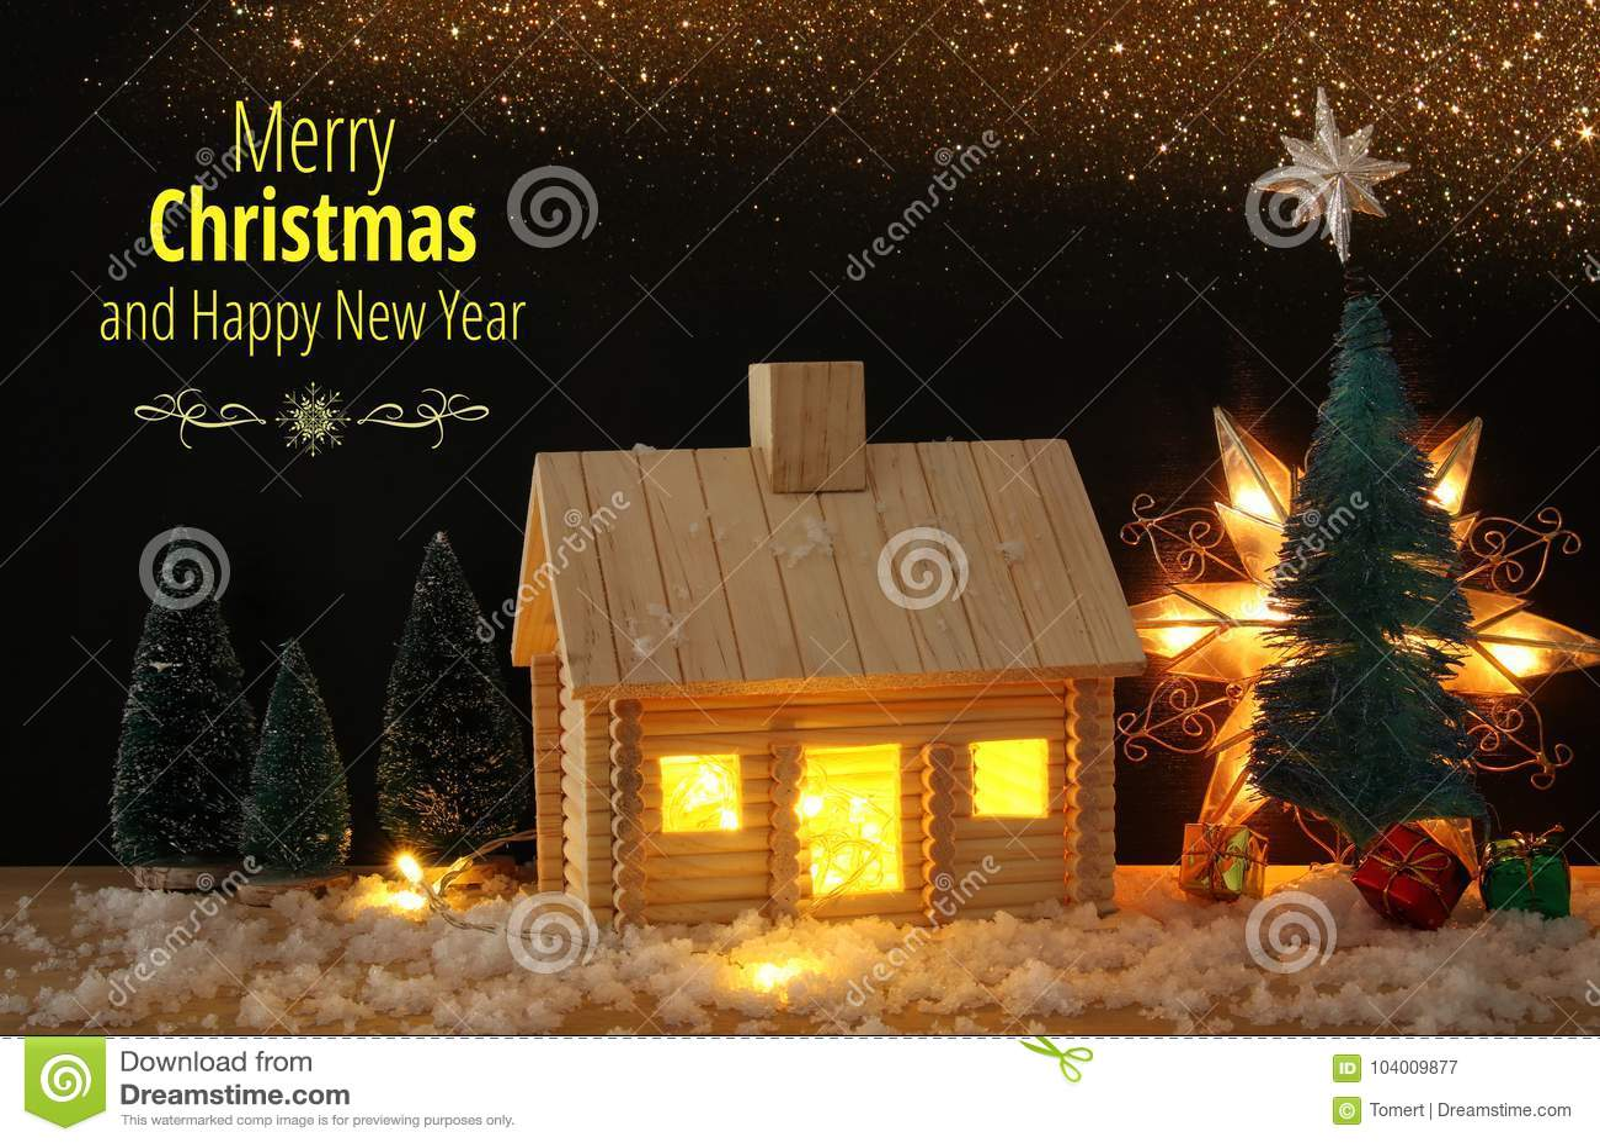 Immagine dell 39 albero di natale e della casa di legno con luce attraverso la finestra sopra la - Libro la luce alla finestra ...